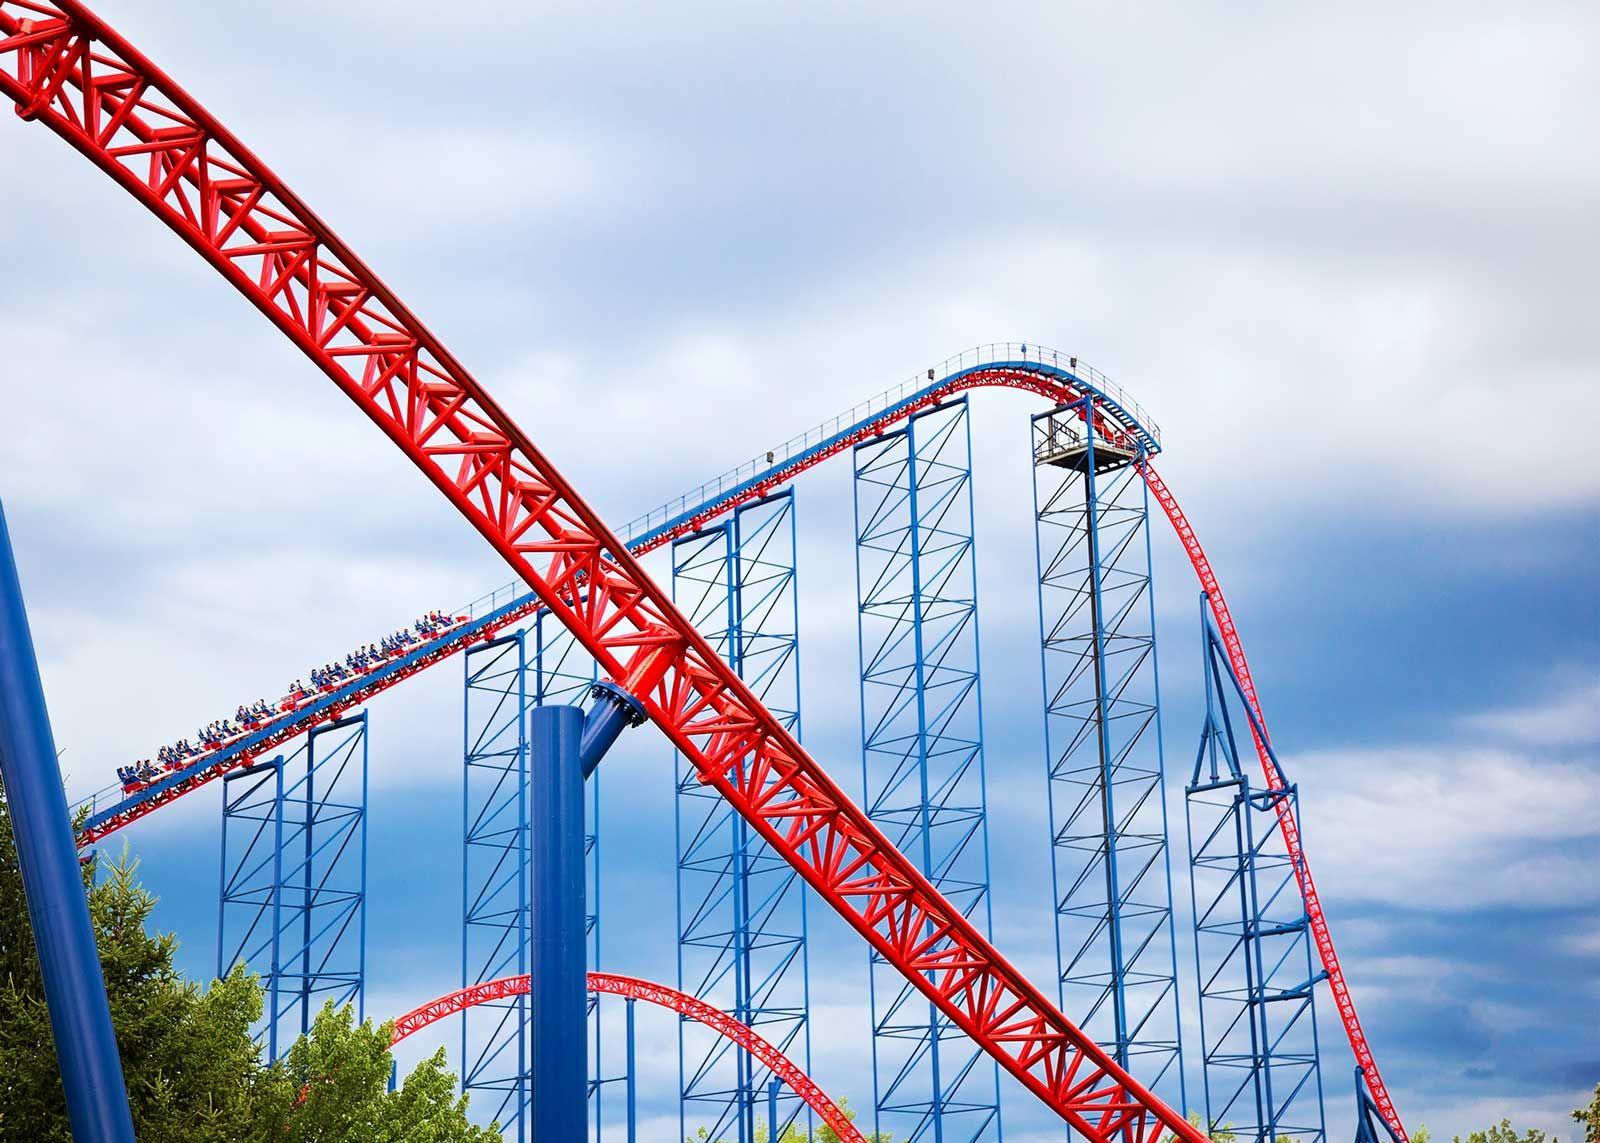 Roller Coaster Png Transparent